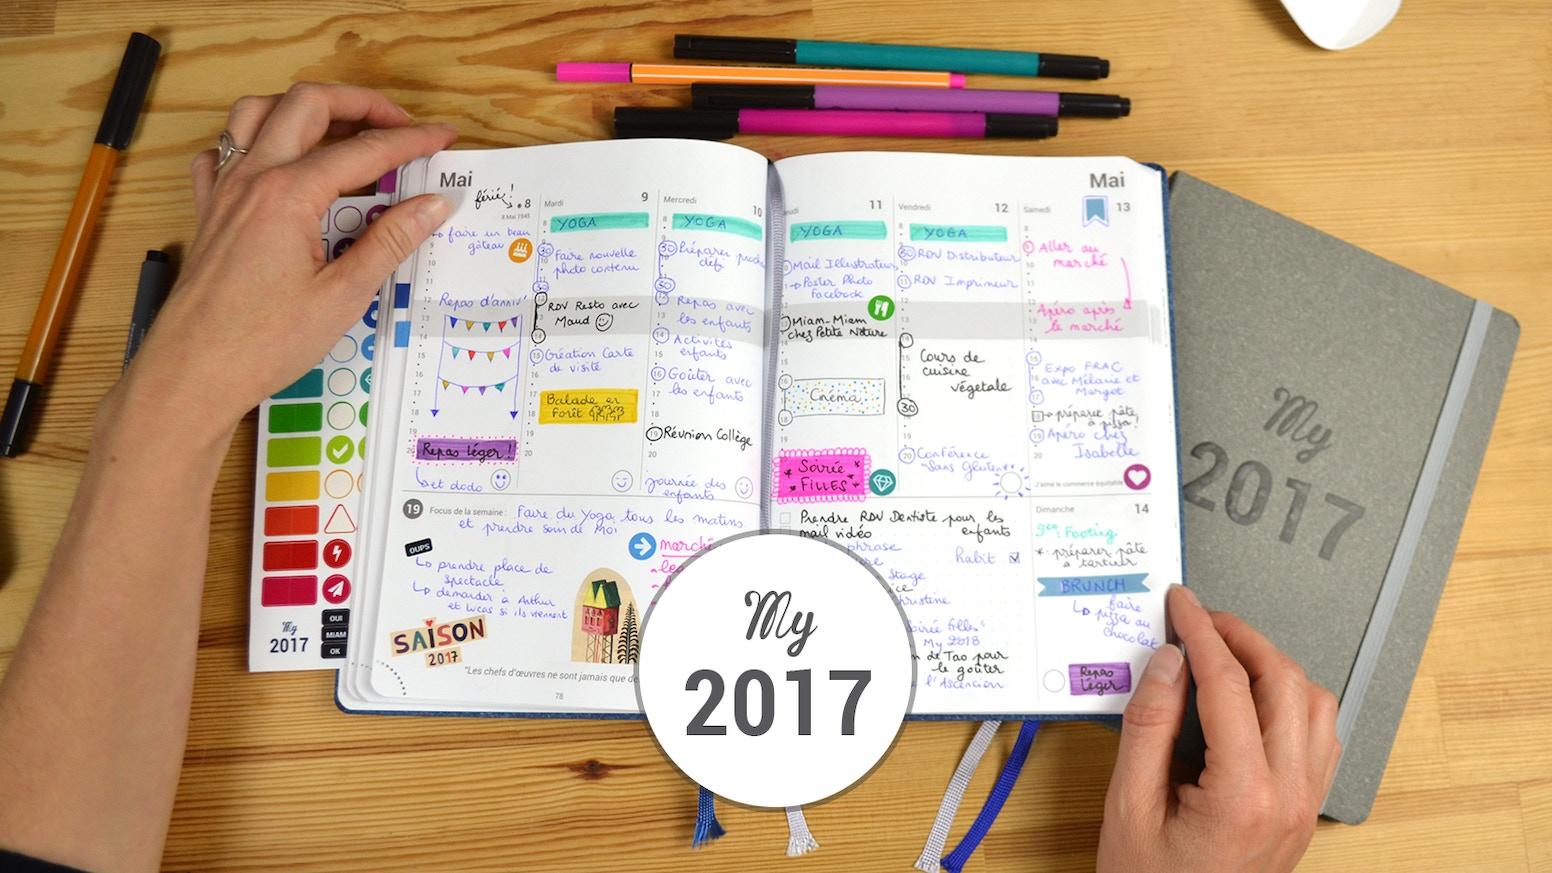 Journal de bord pour noter ses rendez-vous, définir ses objectifs, noter ses idées, lister, dessiner, positiver...et organiser SA VIE !